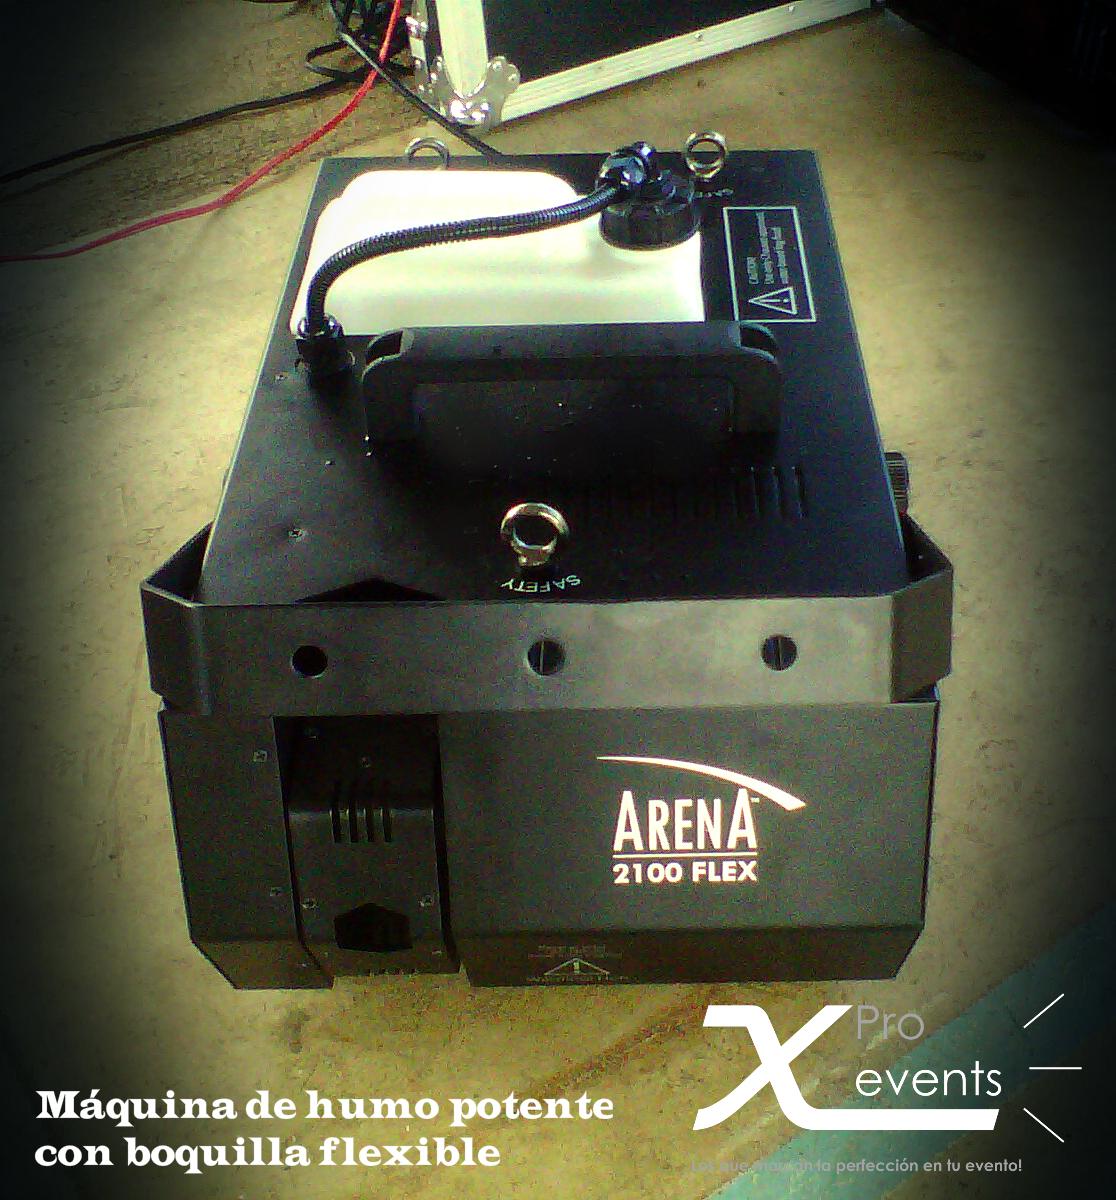 X Pro events  - 809-846-3784 - Maquina de humo potente.jpg